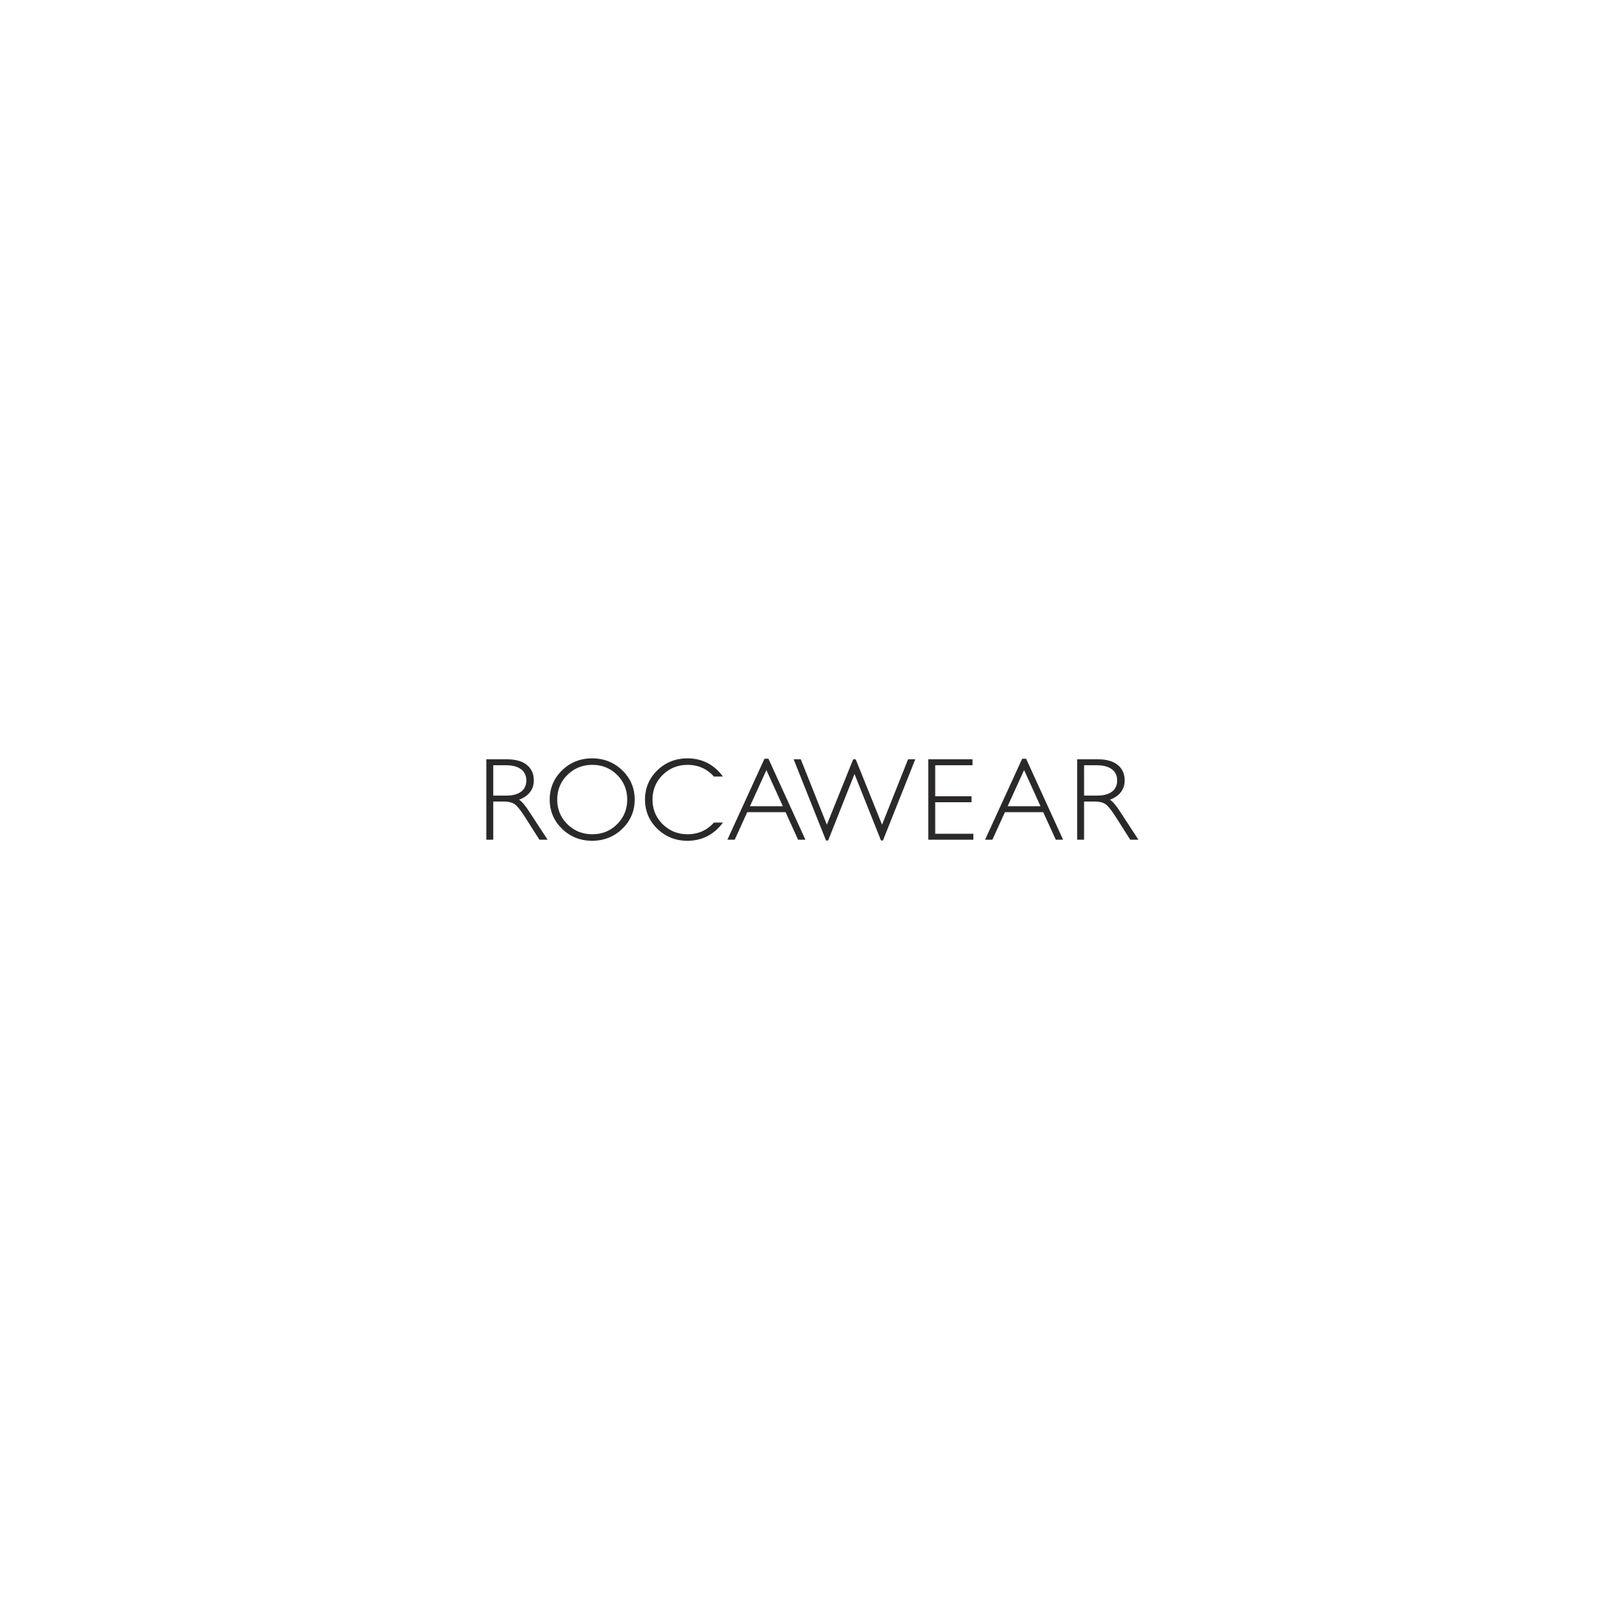 rocawear (Bild 1)